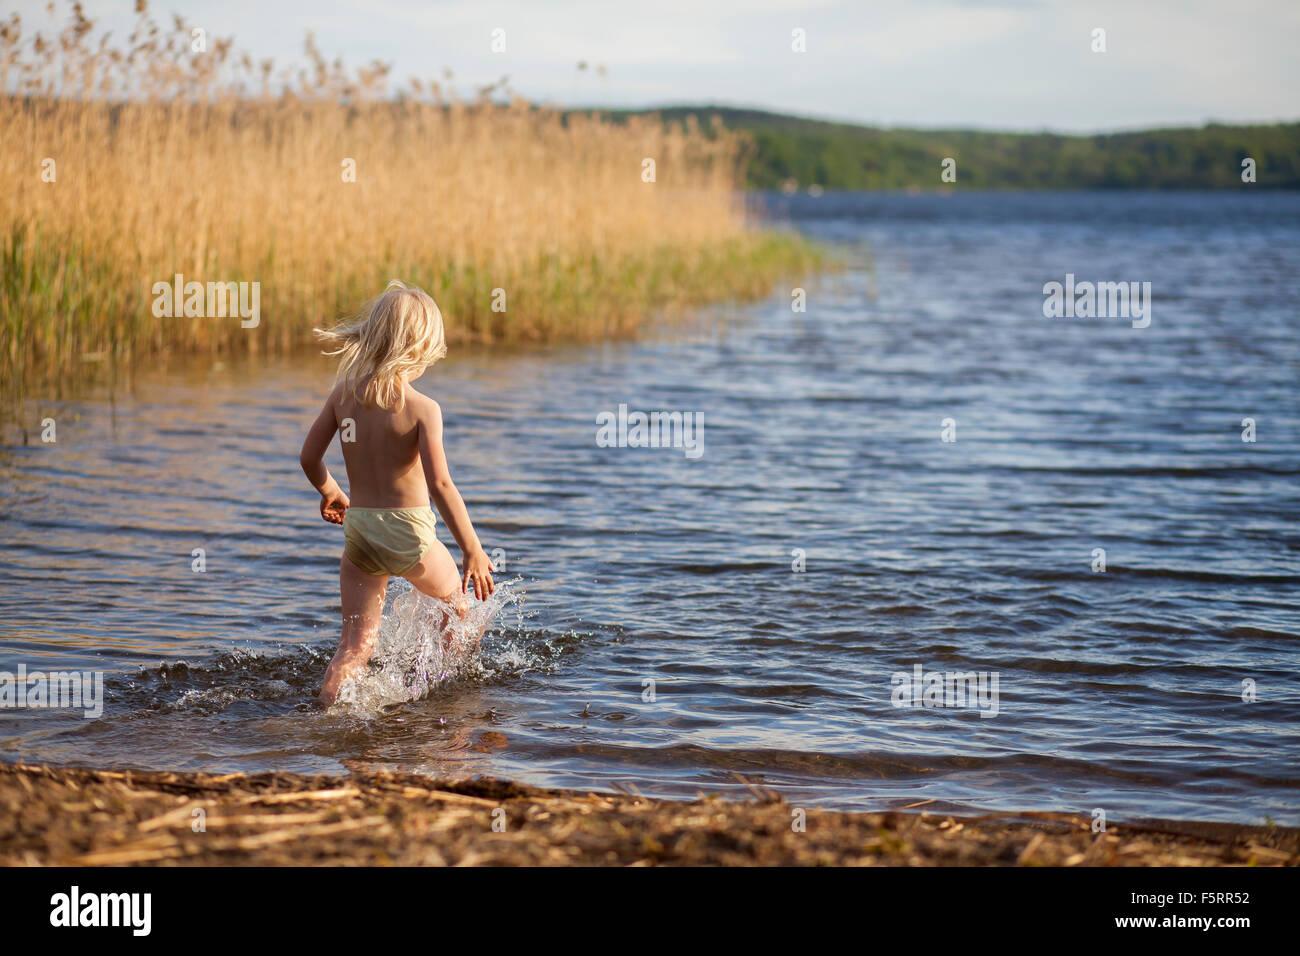 Sweden, Vastergotland, Lerum, Lake Aspen, Girl (6-7) running into water - Stock Image